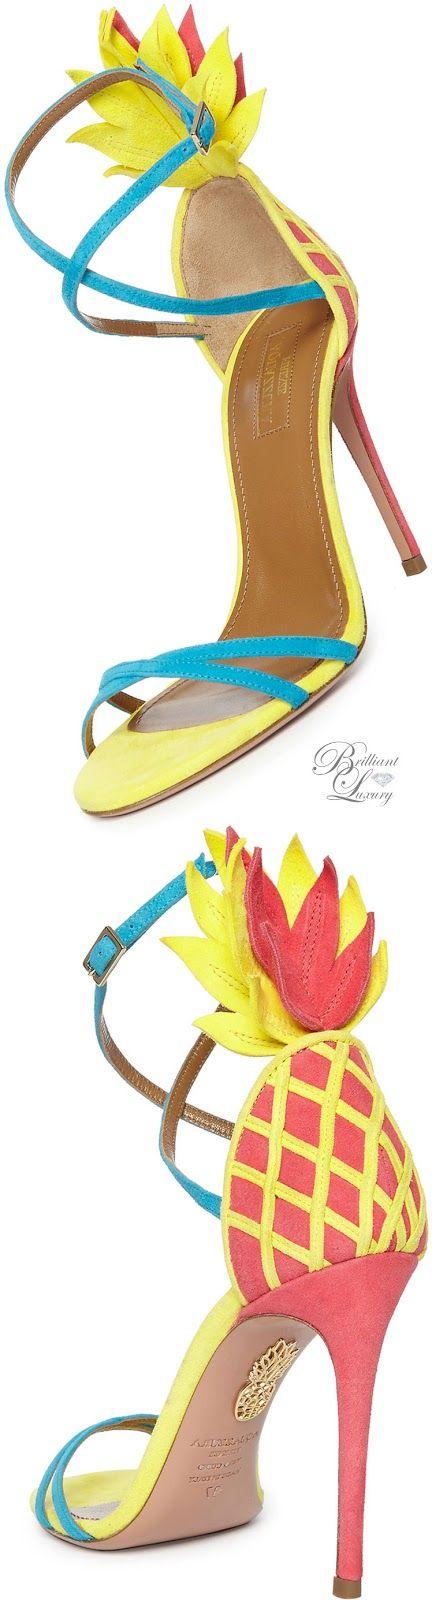 Brilliant Luxury * Aquazzura Pina Colada Strappy Sandal